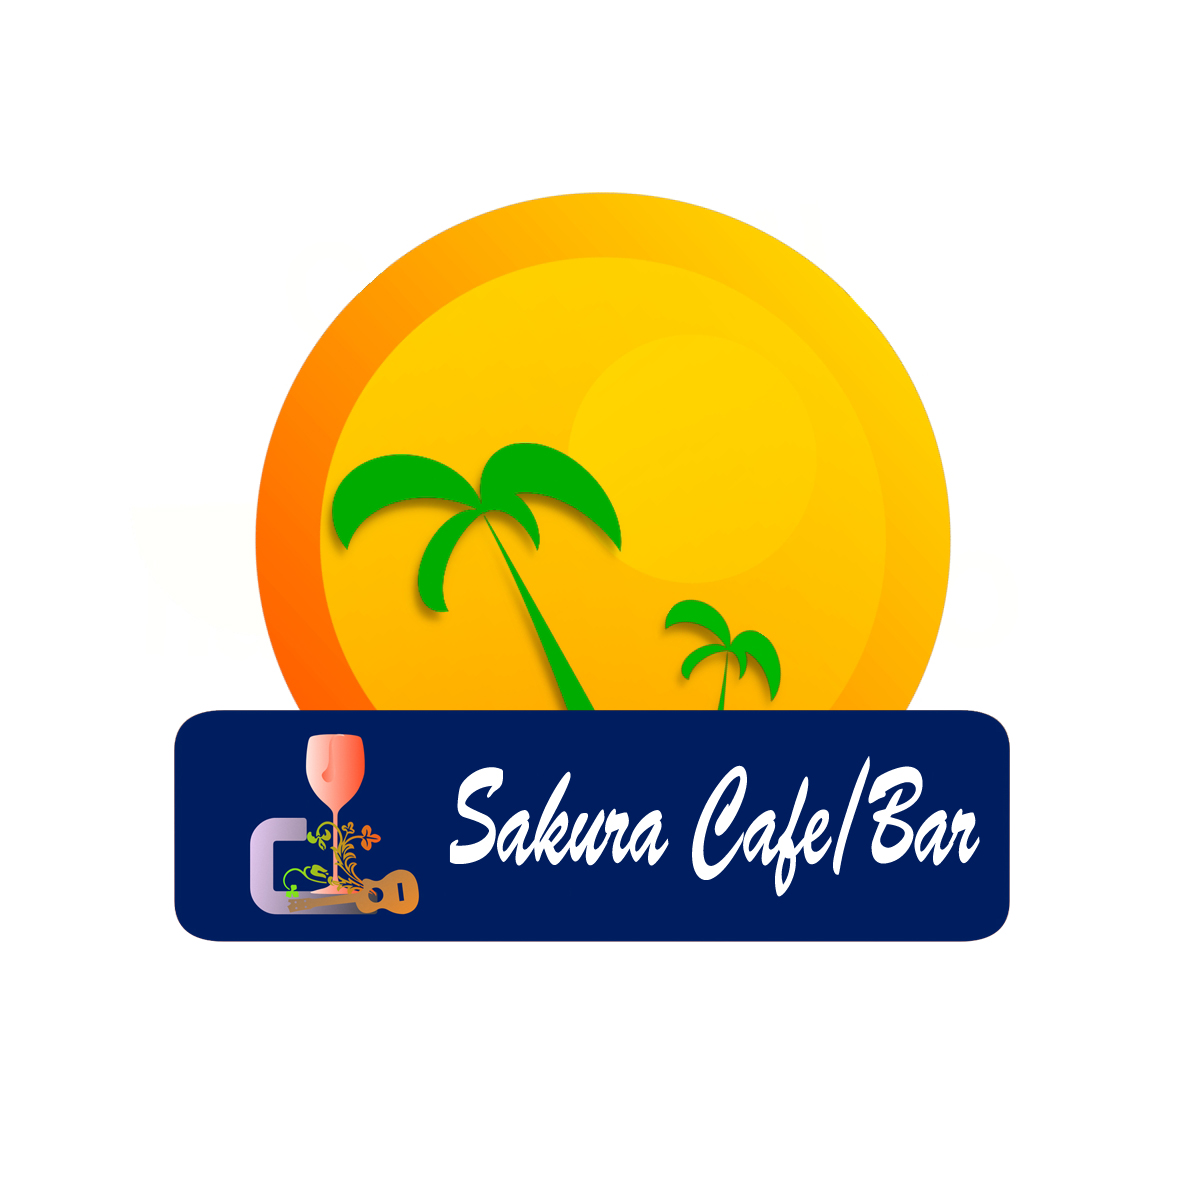 背包客客栈和酒吧logo设计